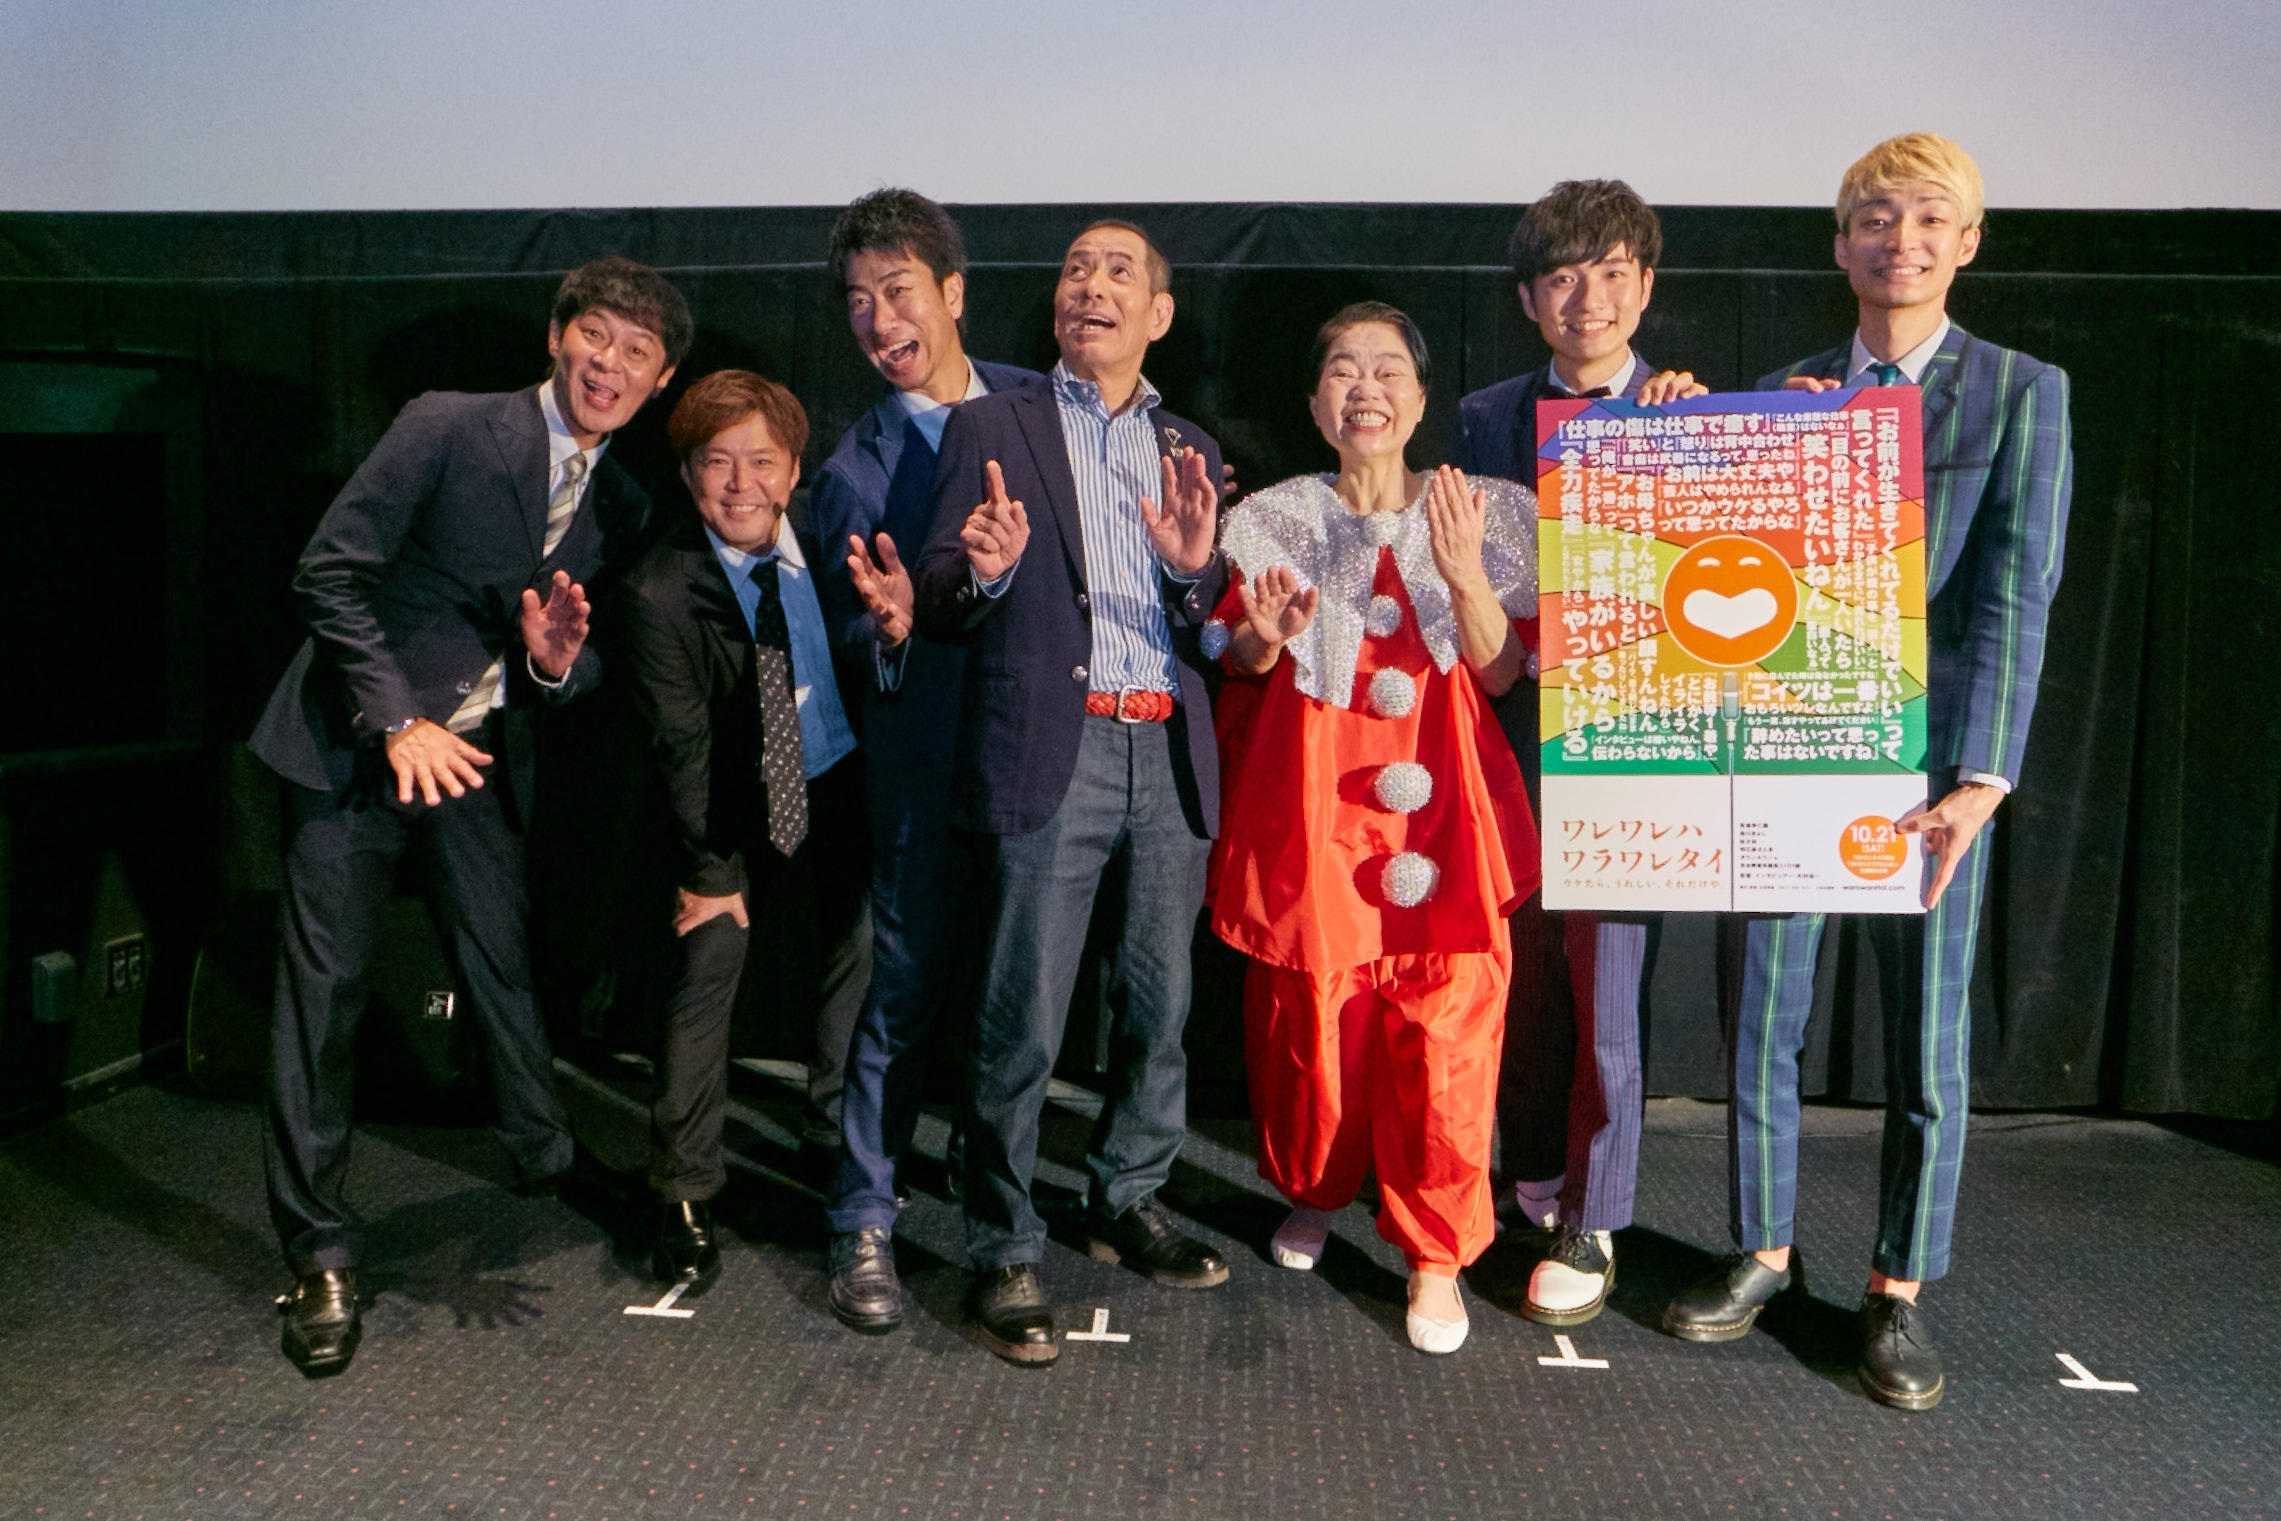 http://news.yoshimoto.co.jp/20171022235913-0ecb7ef2348606f1e052d5b69672dc18c2e80400.jpg